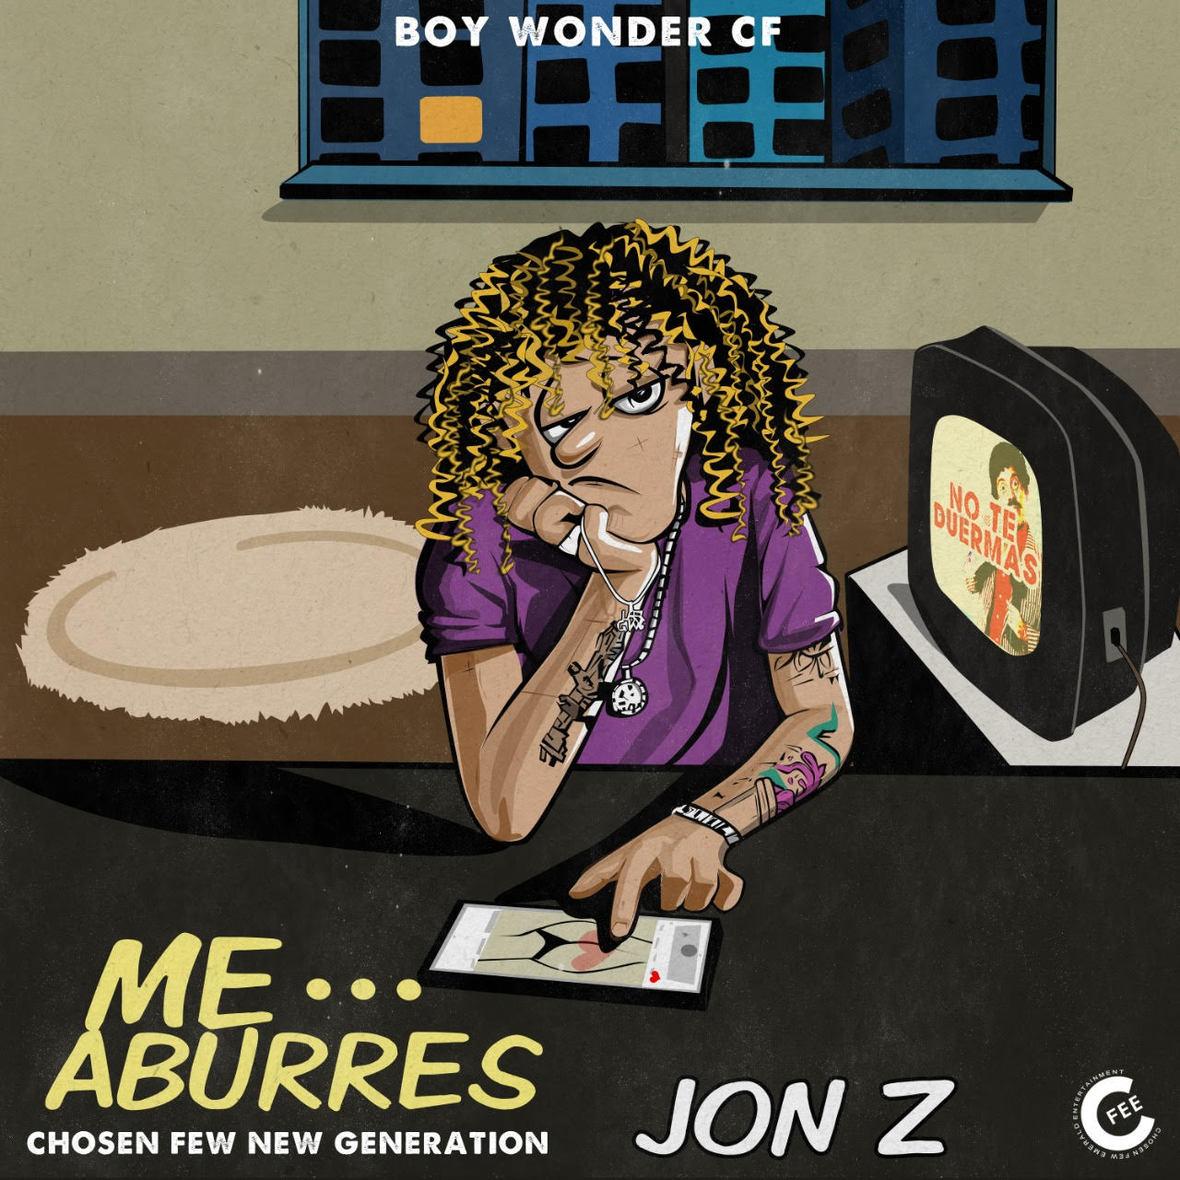 Jon Z - Me aburres